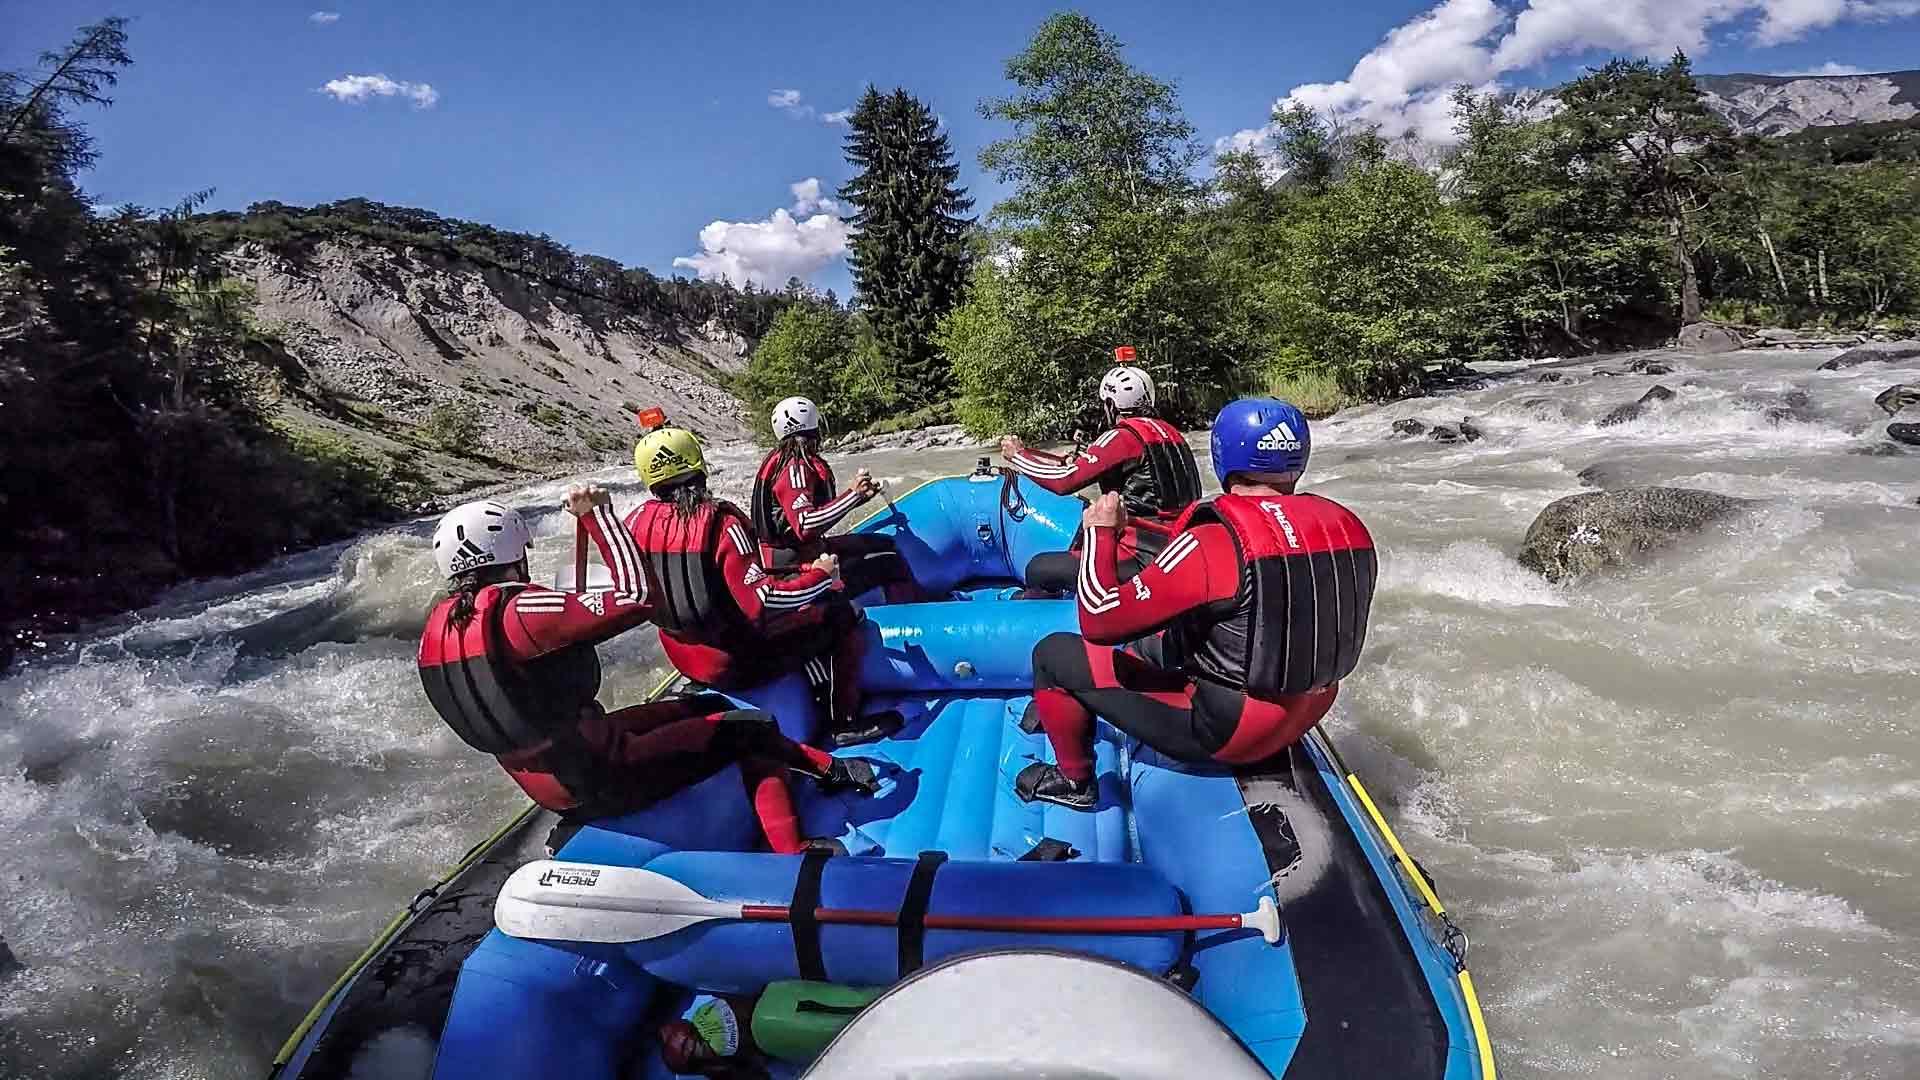 Rafting-Touren in Tirol, Österreich